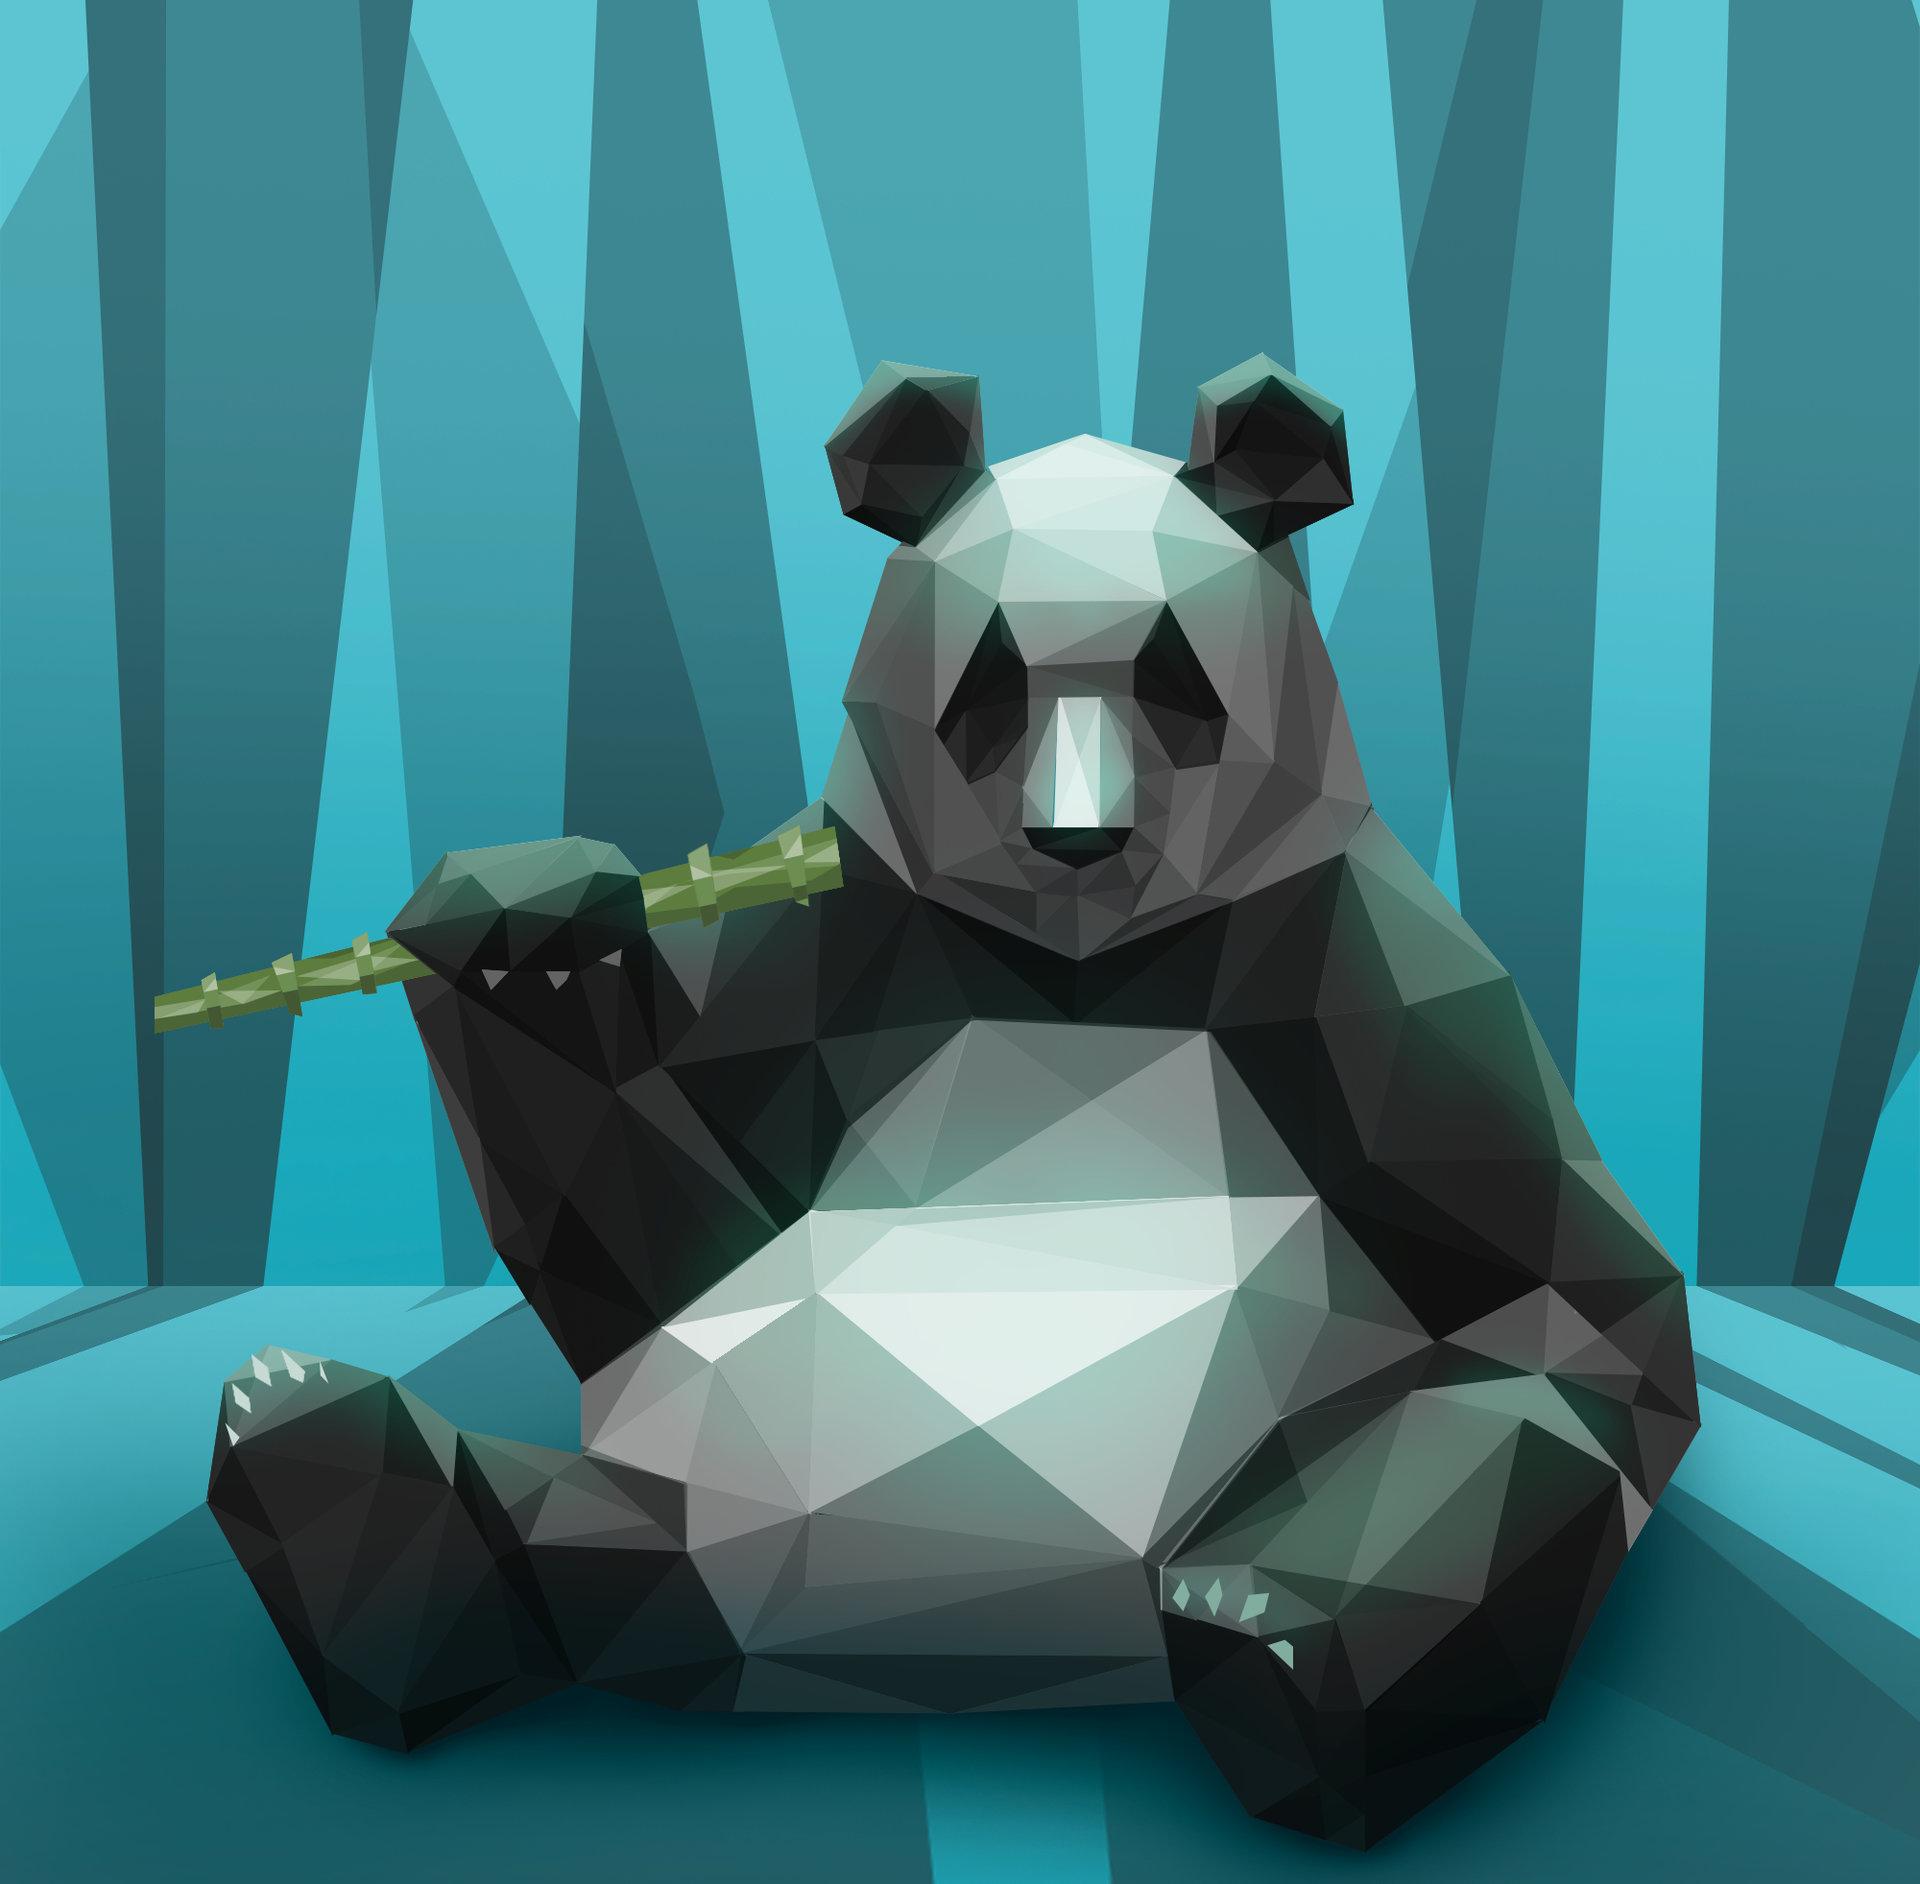 Yana blyzniuk poly panda